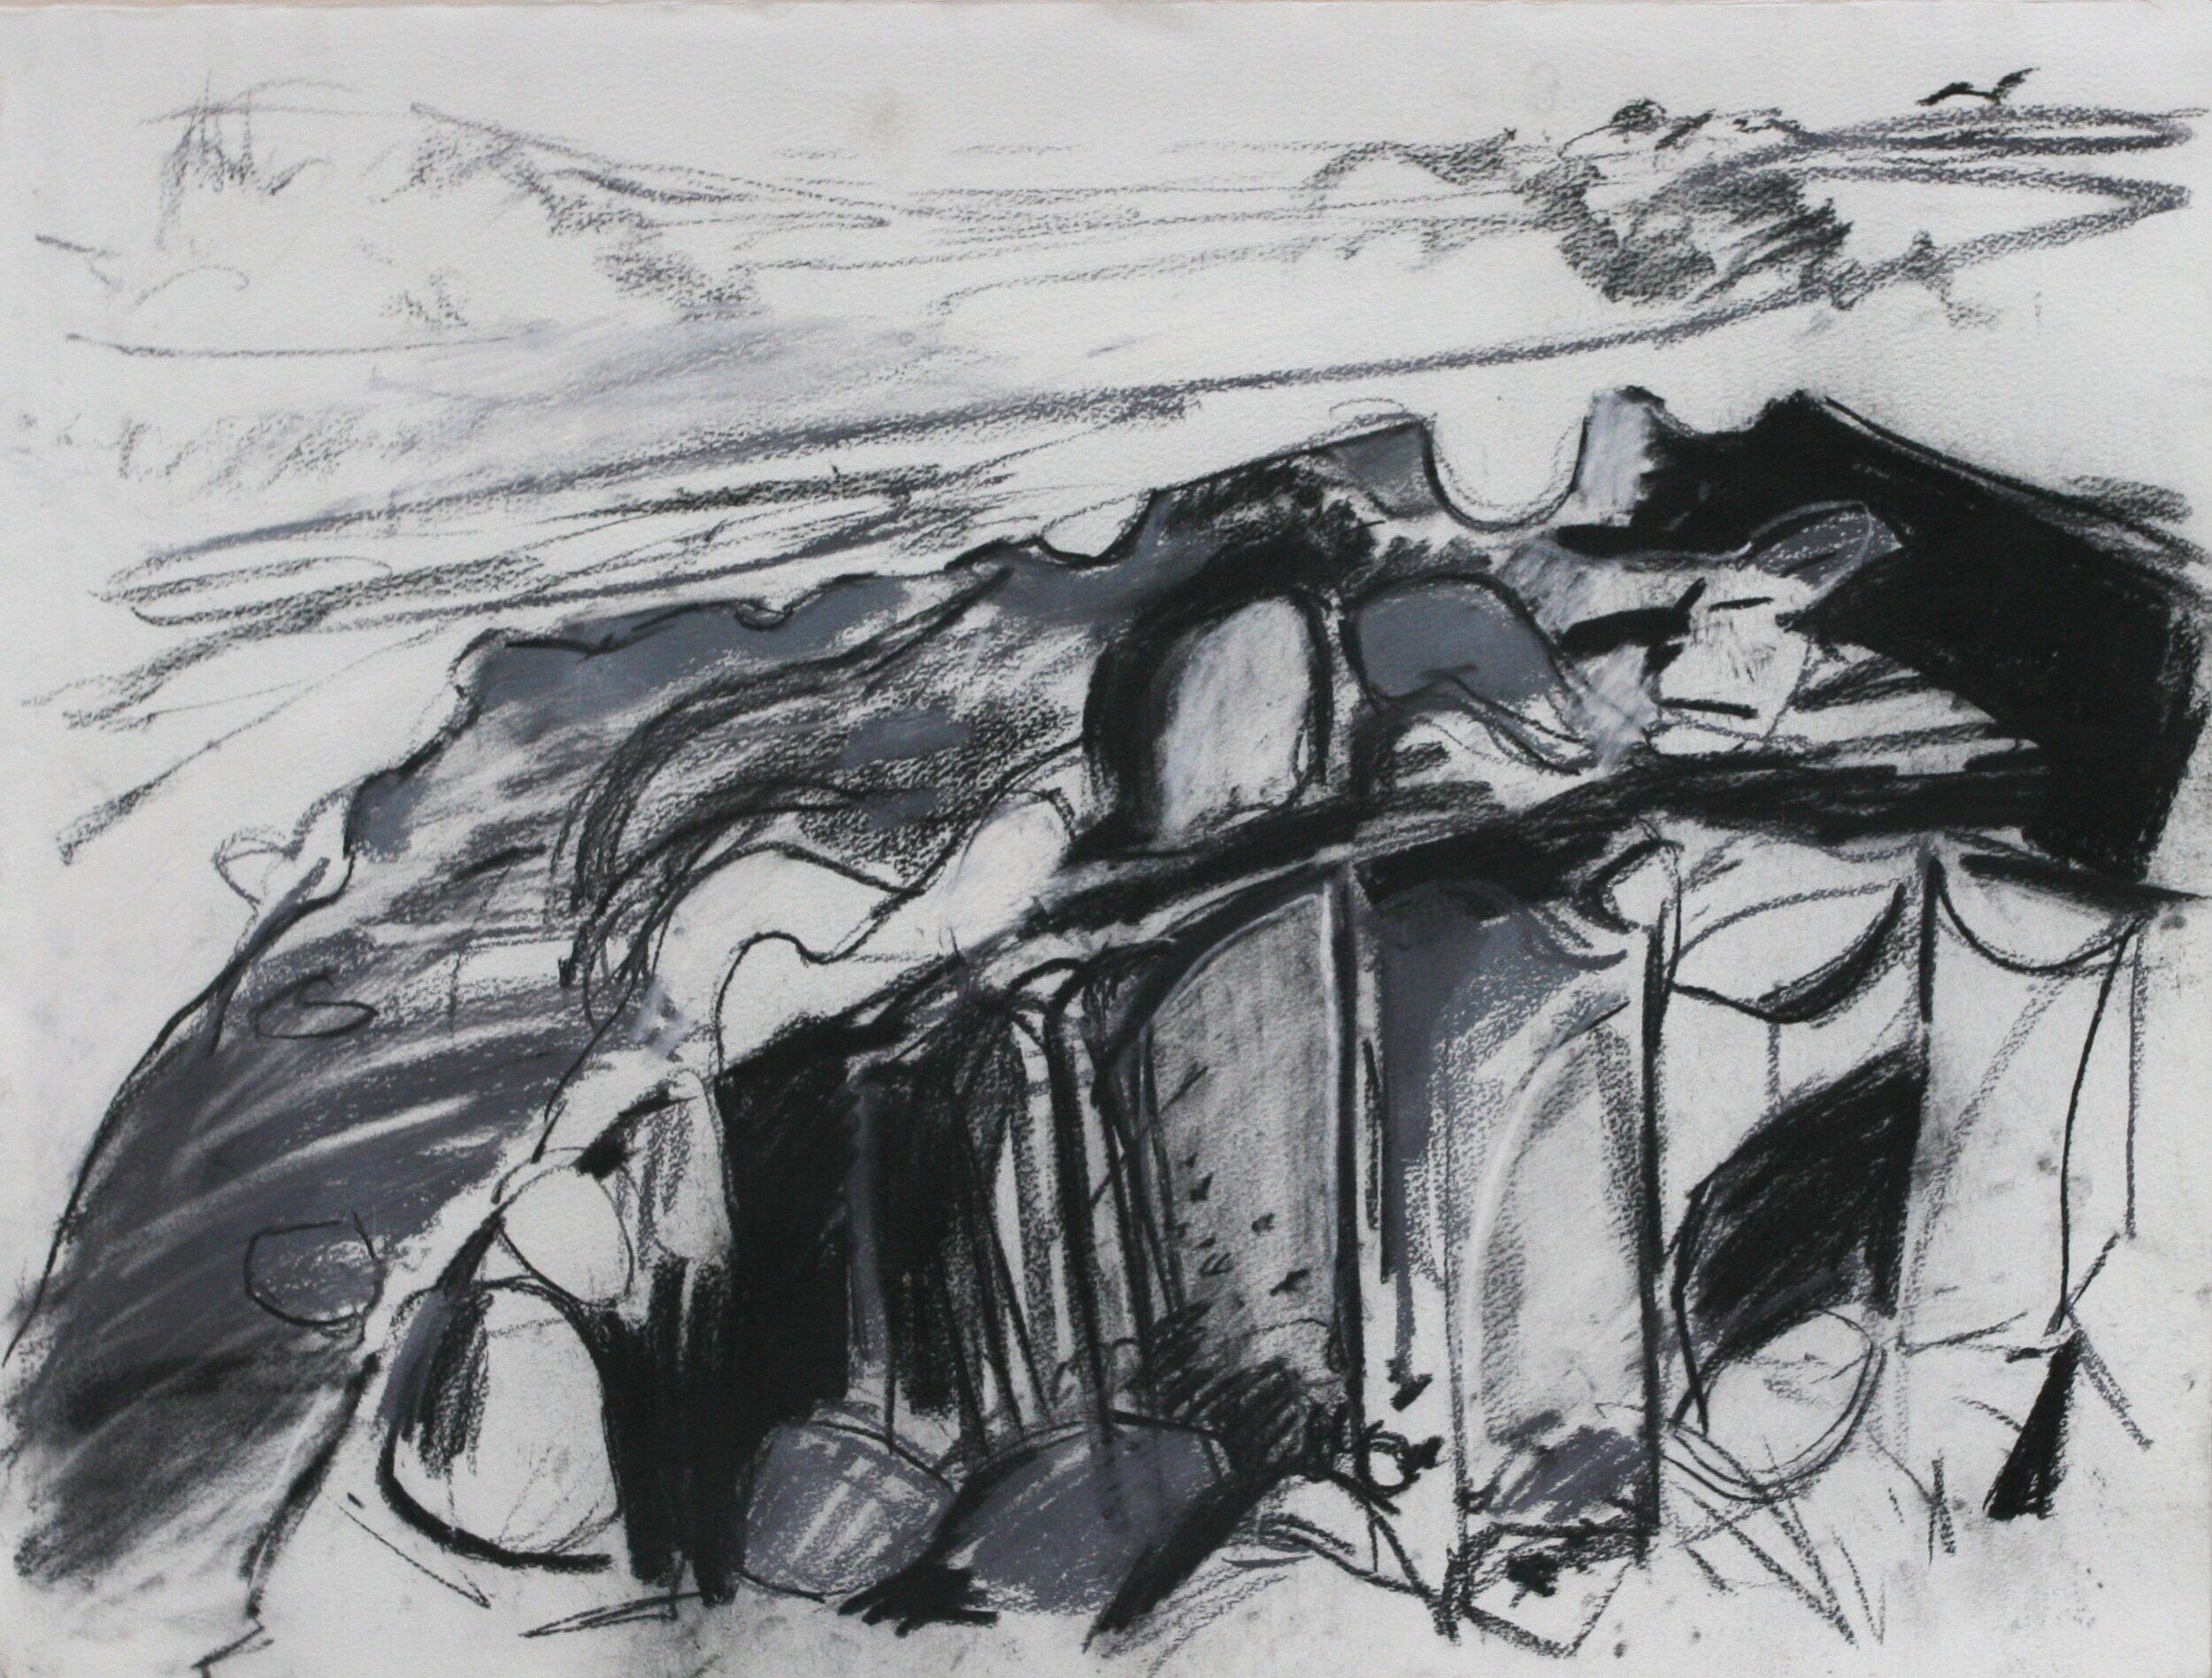 Queensland Basalt